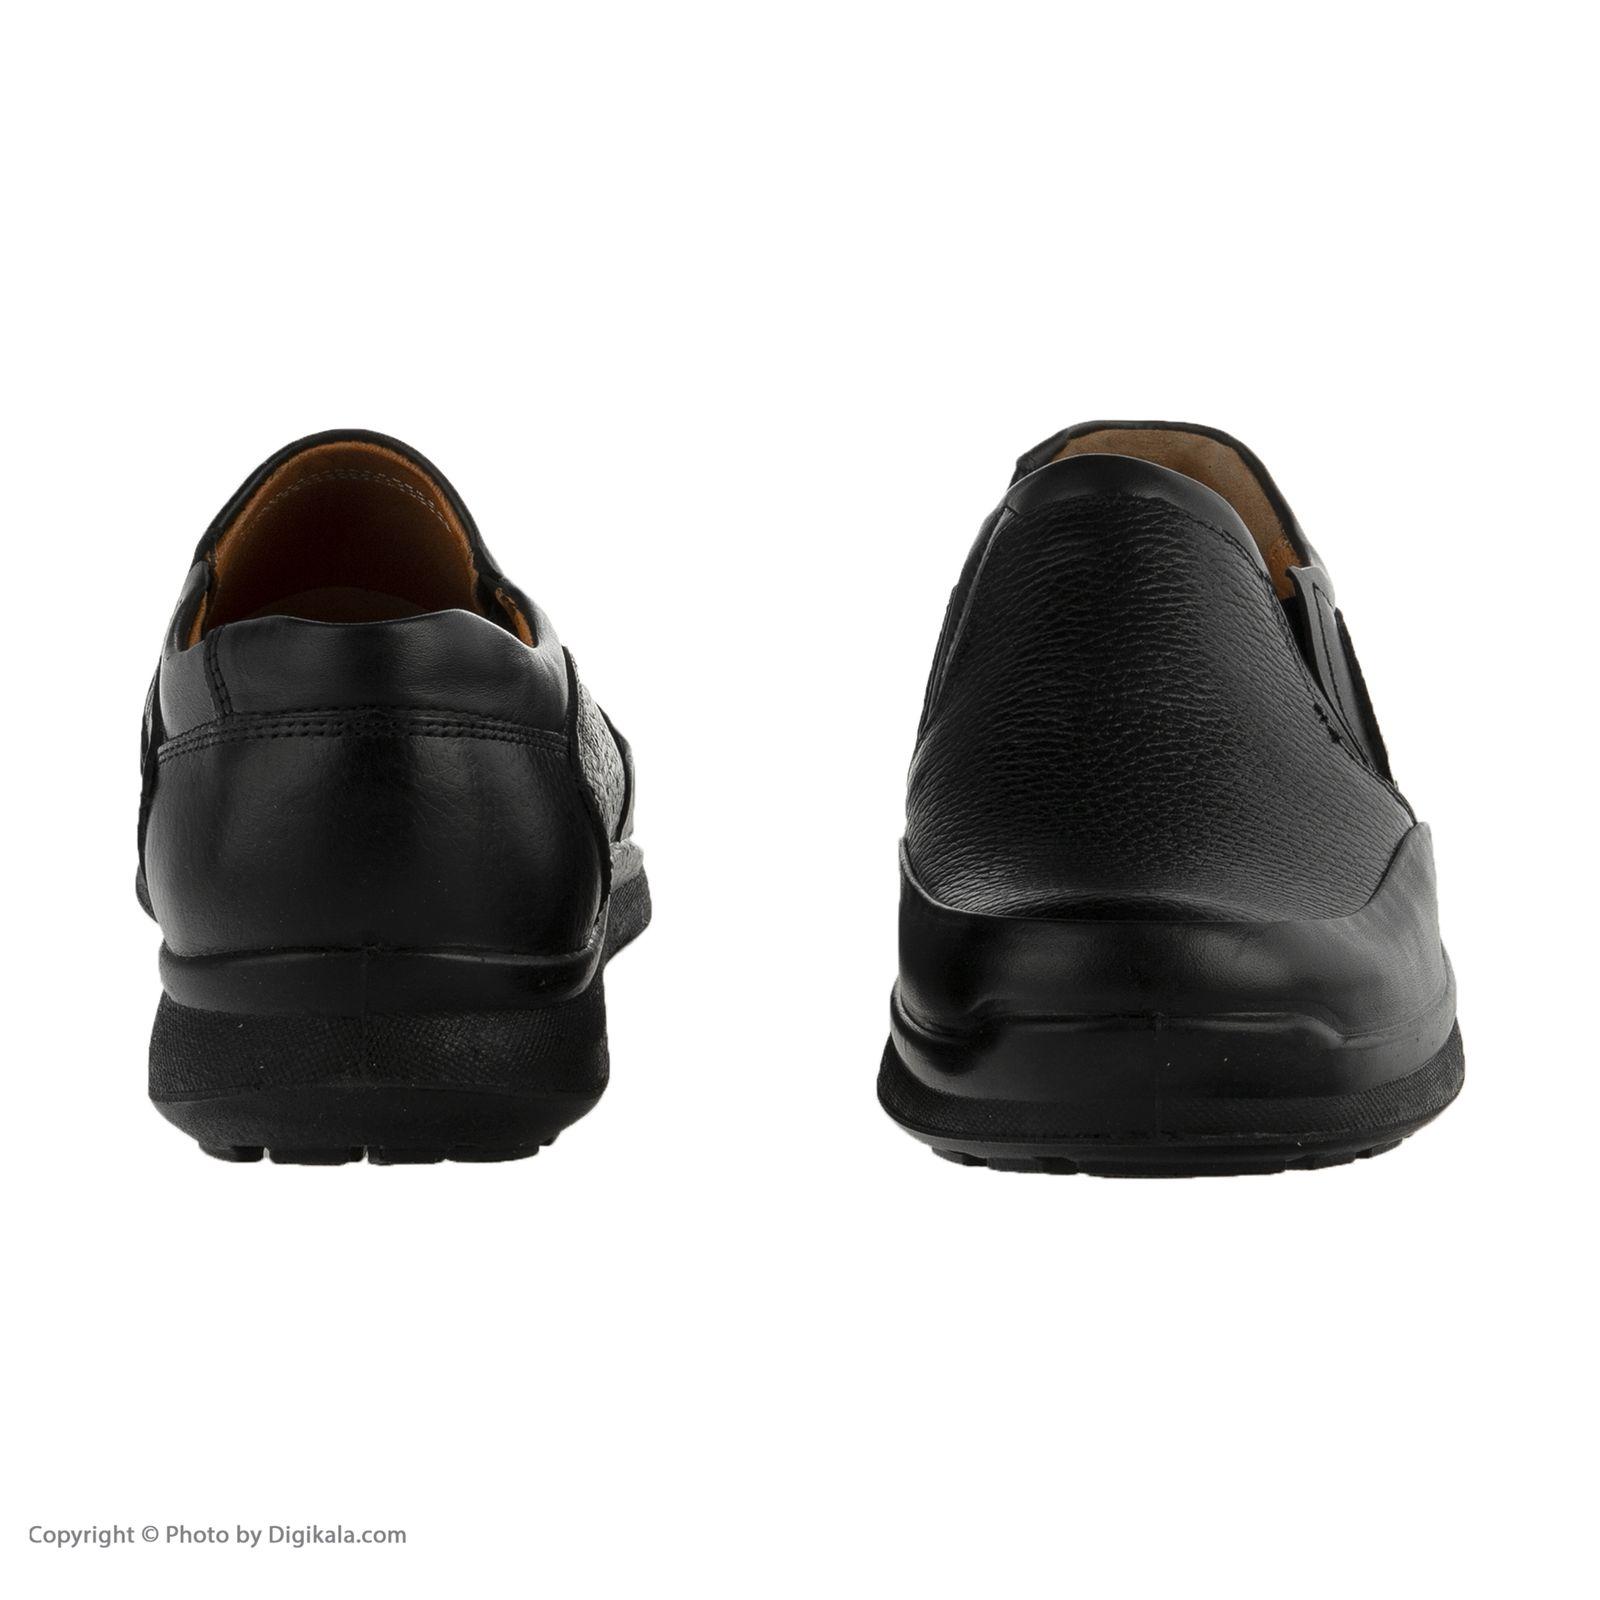 کفش روزمره مردانه سوته مدل 5033A503101 -  - 6